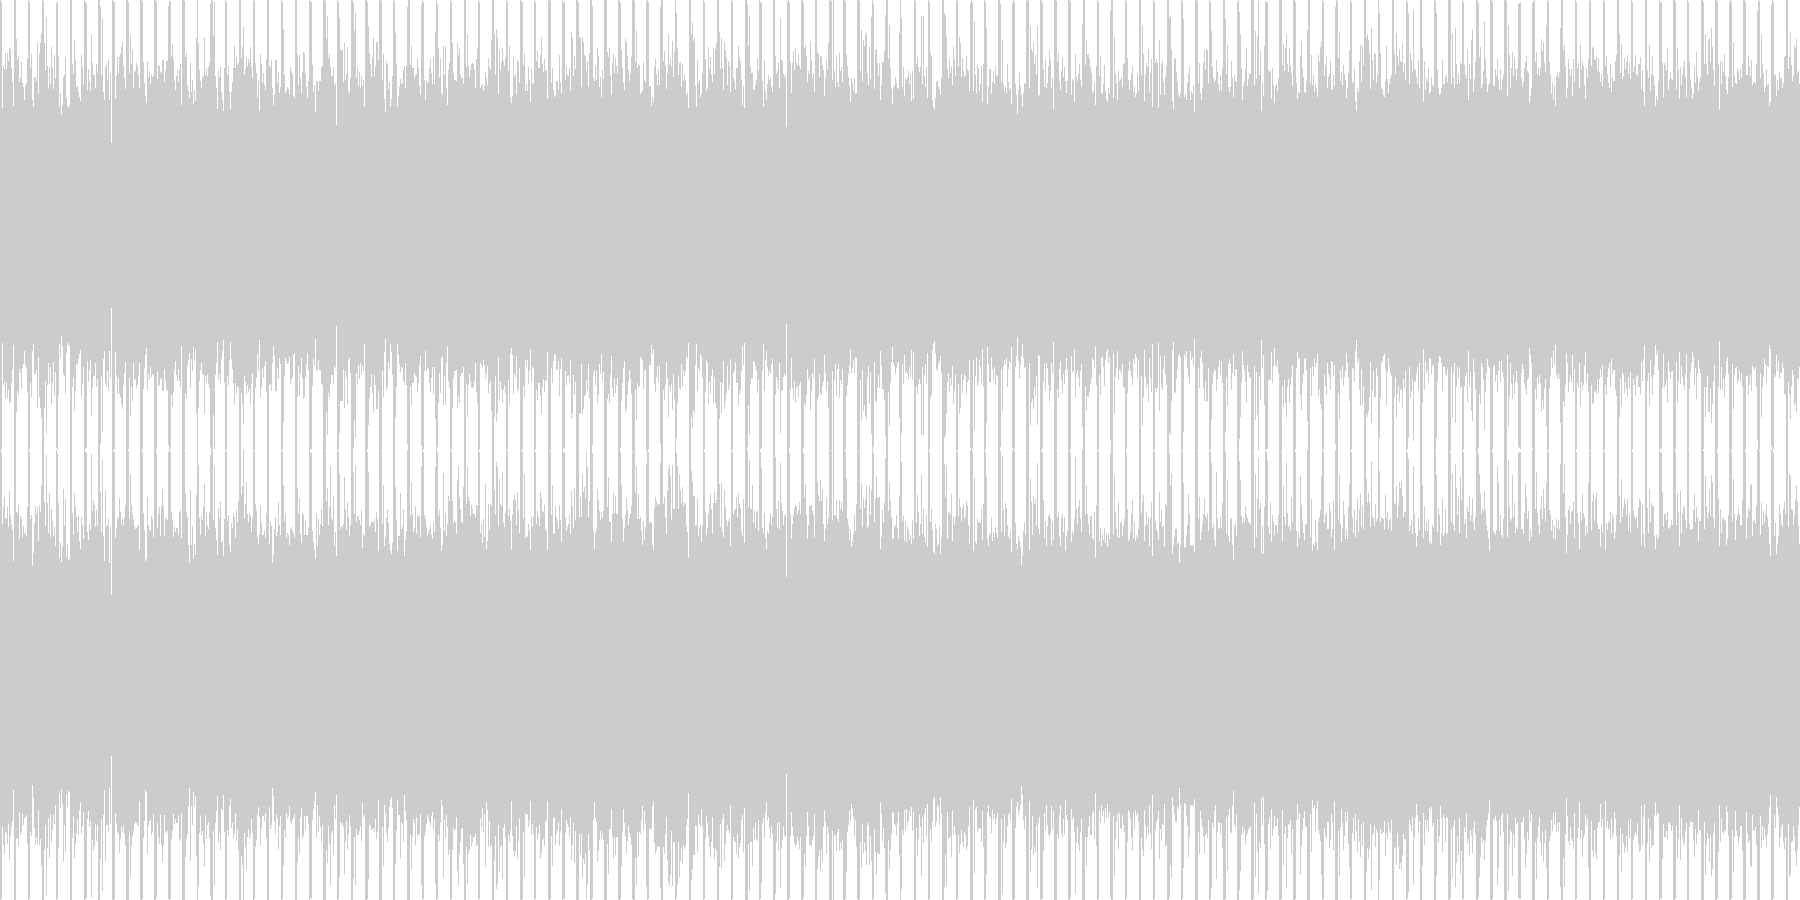 ニュース番組・インダストリー・ループの未再生の波形